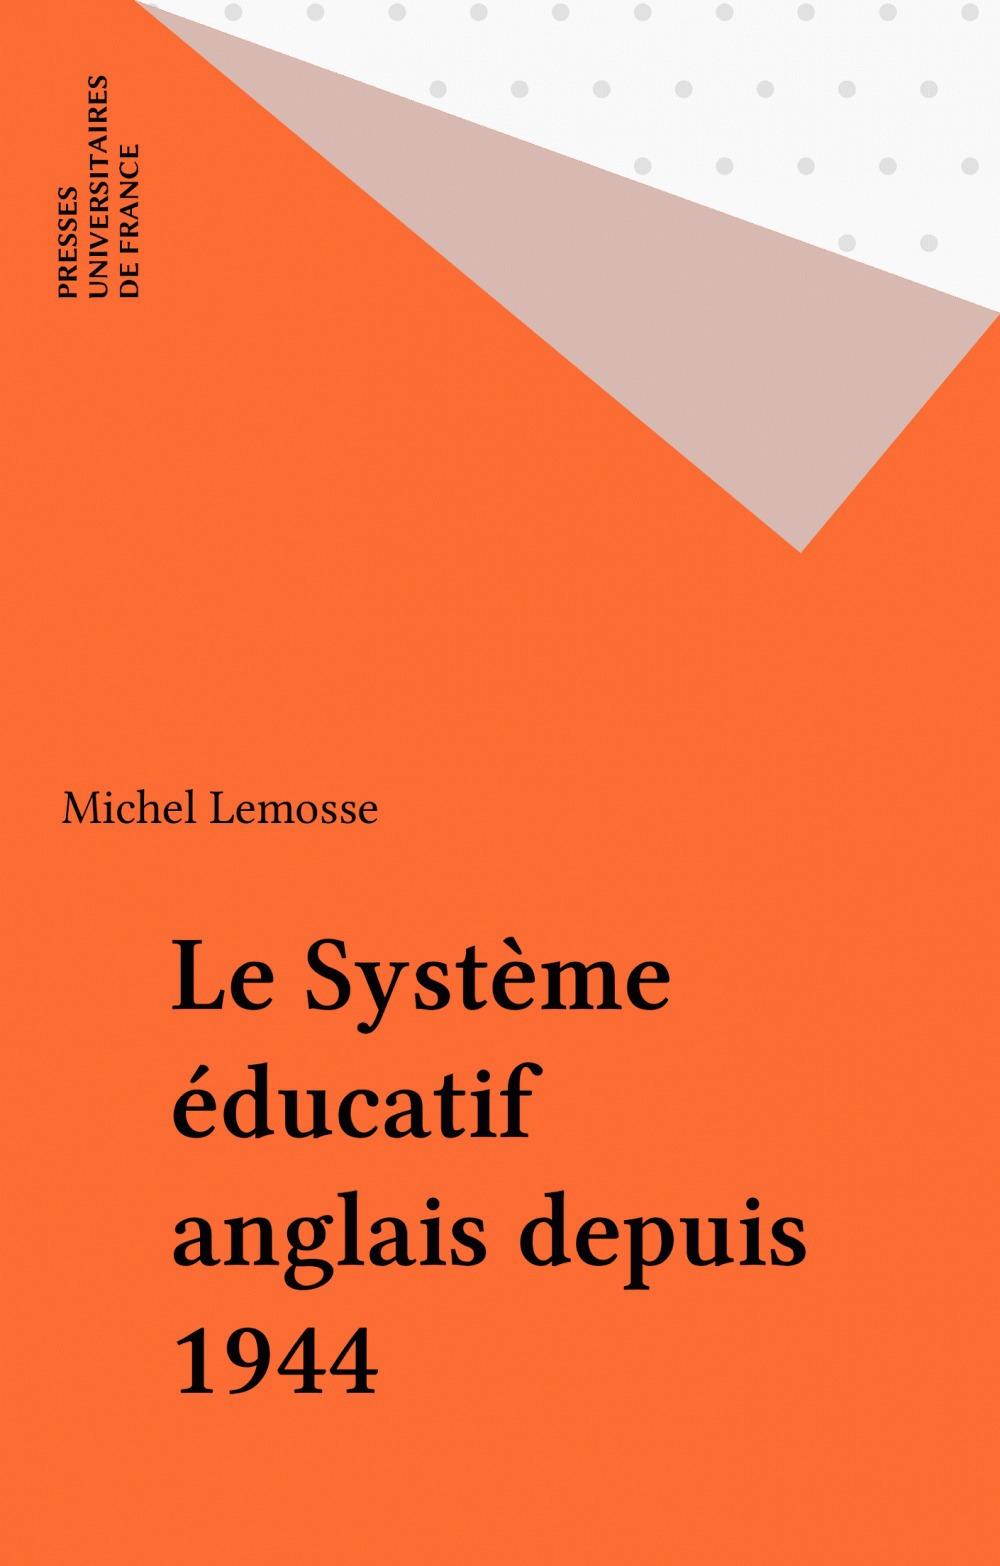 Michel Lemosse Le Système éducatif anglais depuis 1944